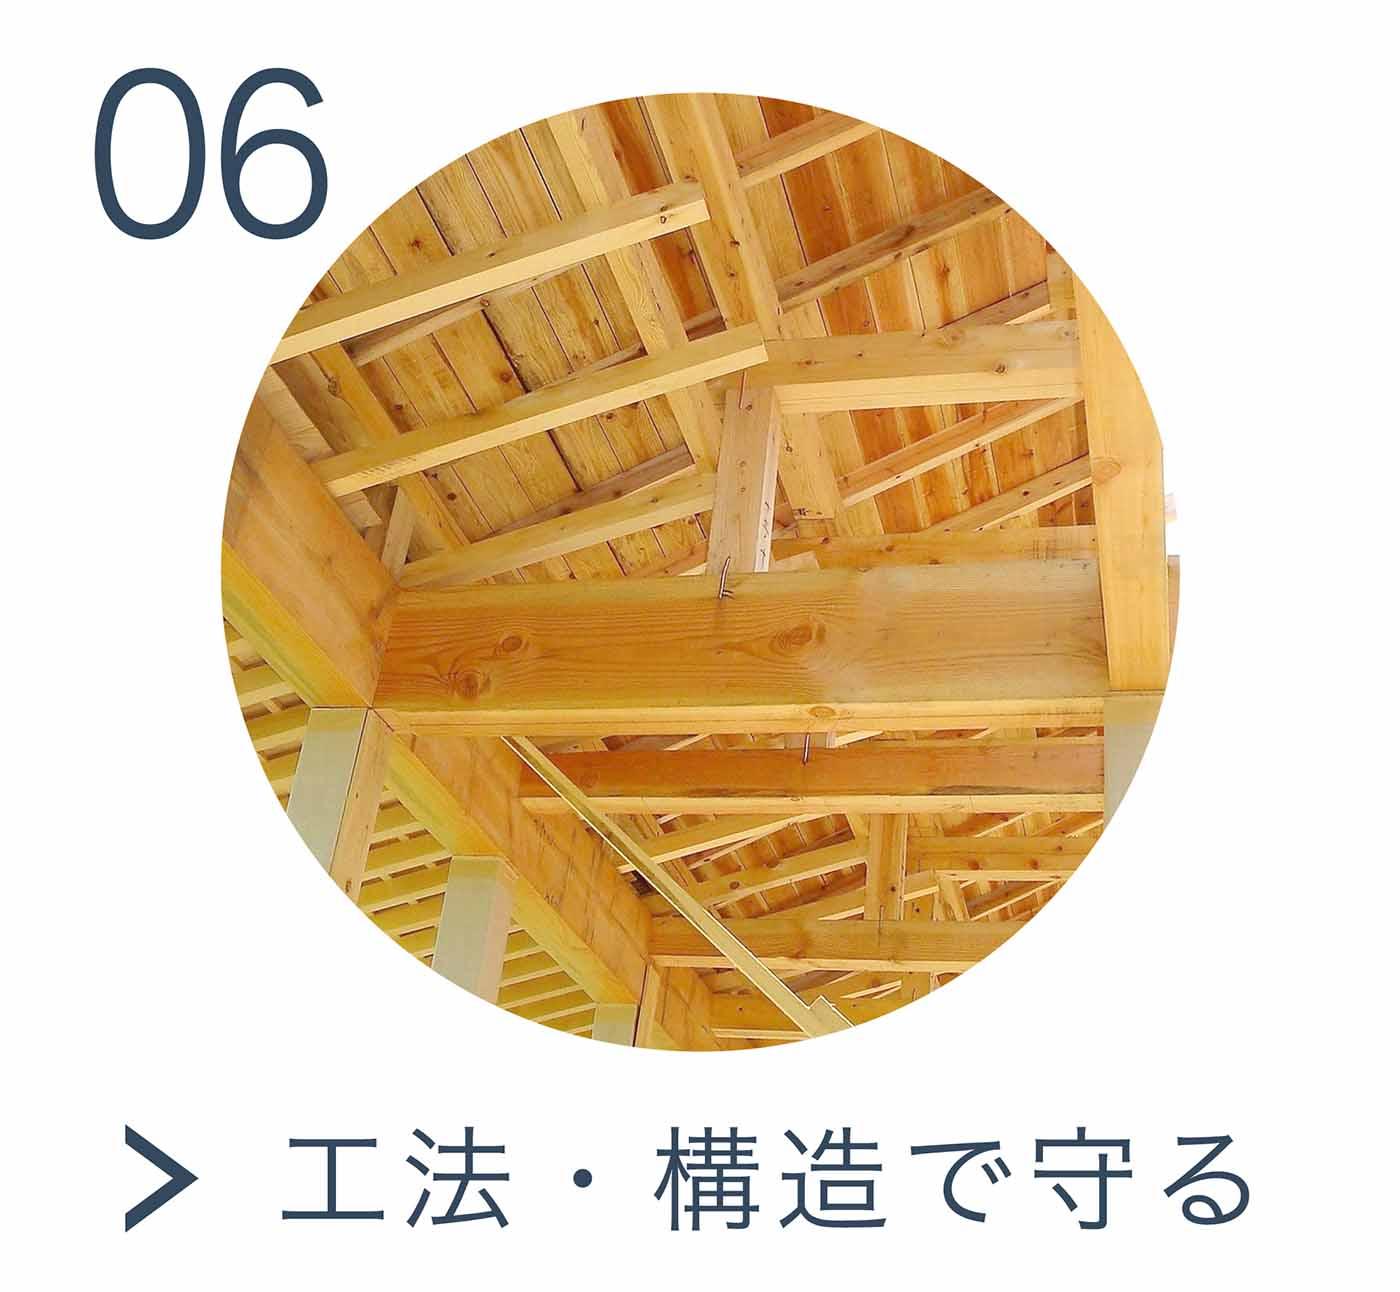 家を建てるポイント「工法・構造」